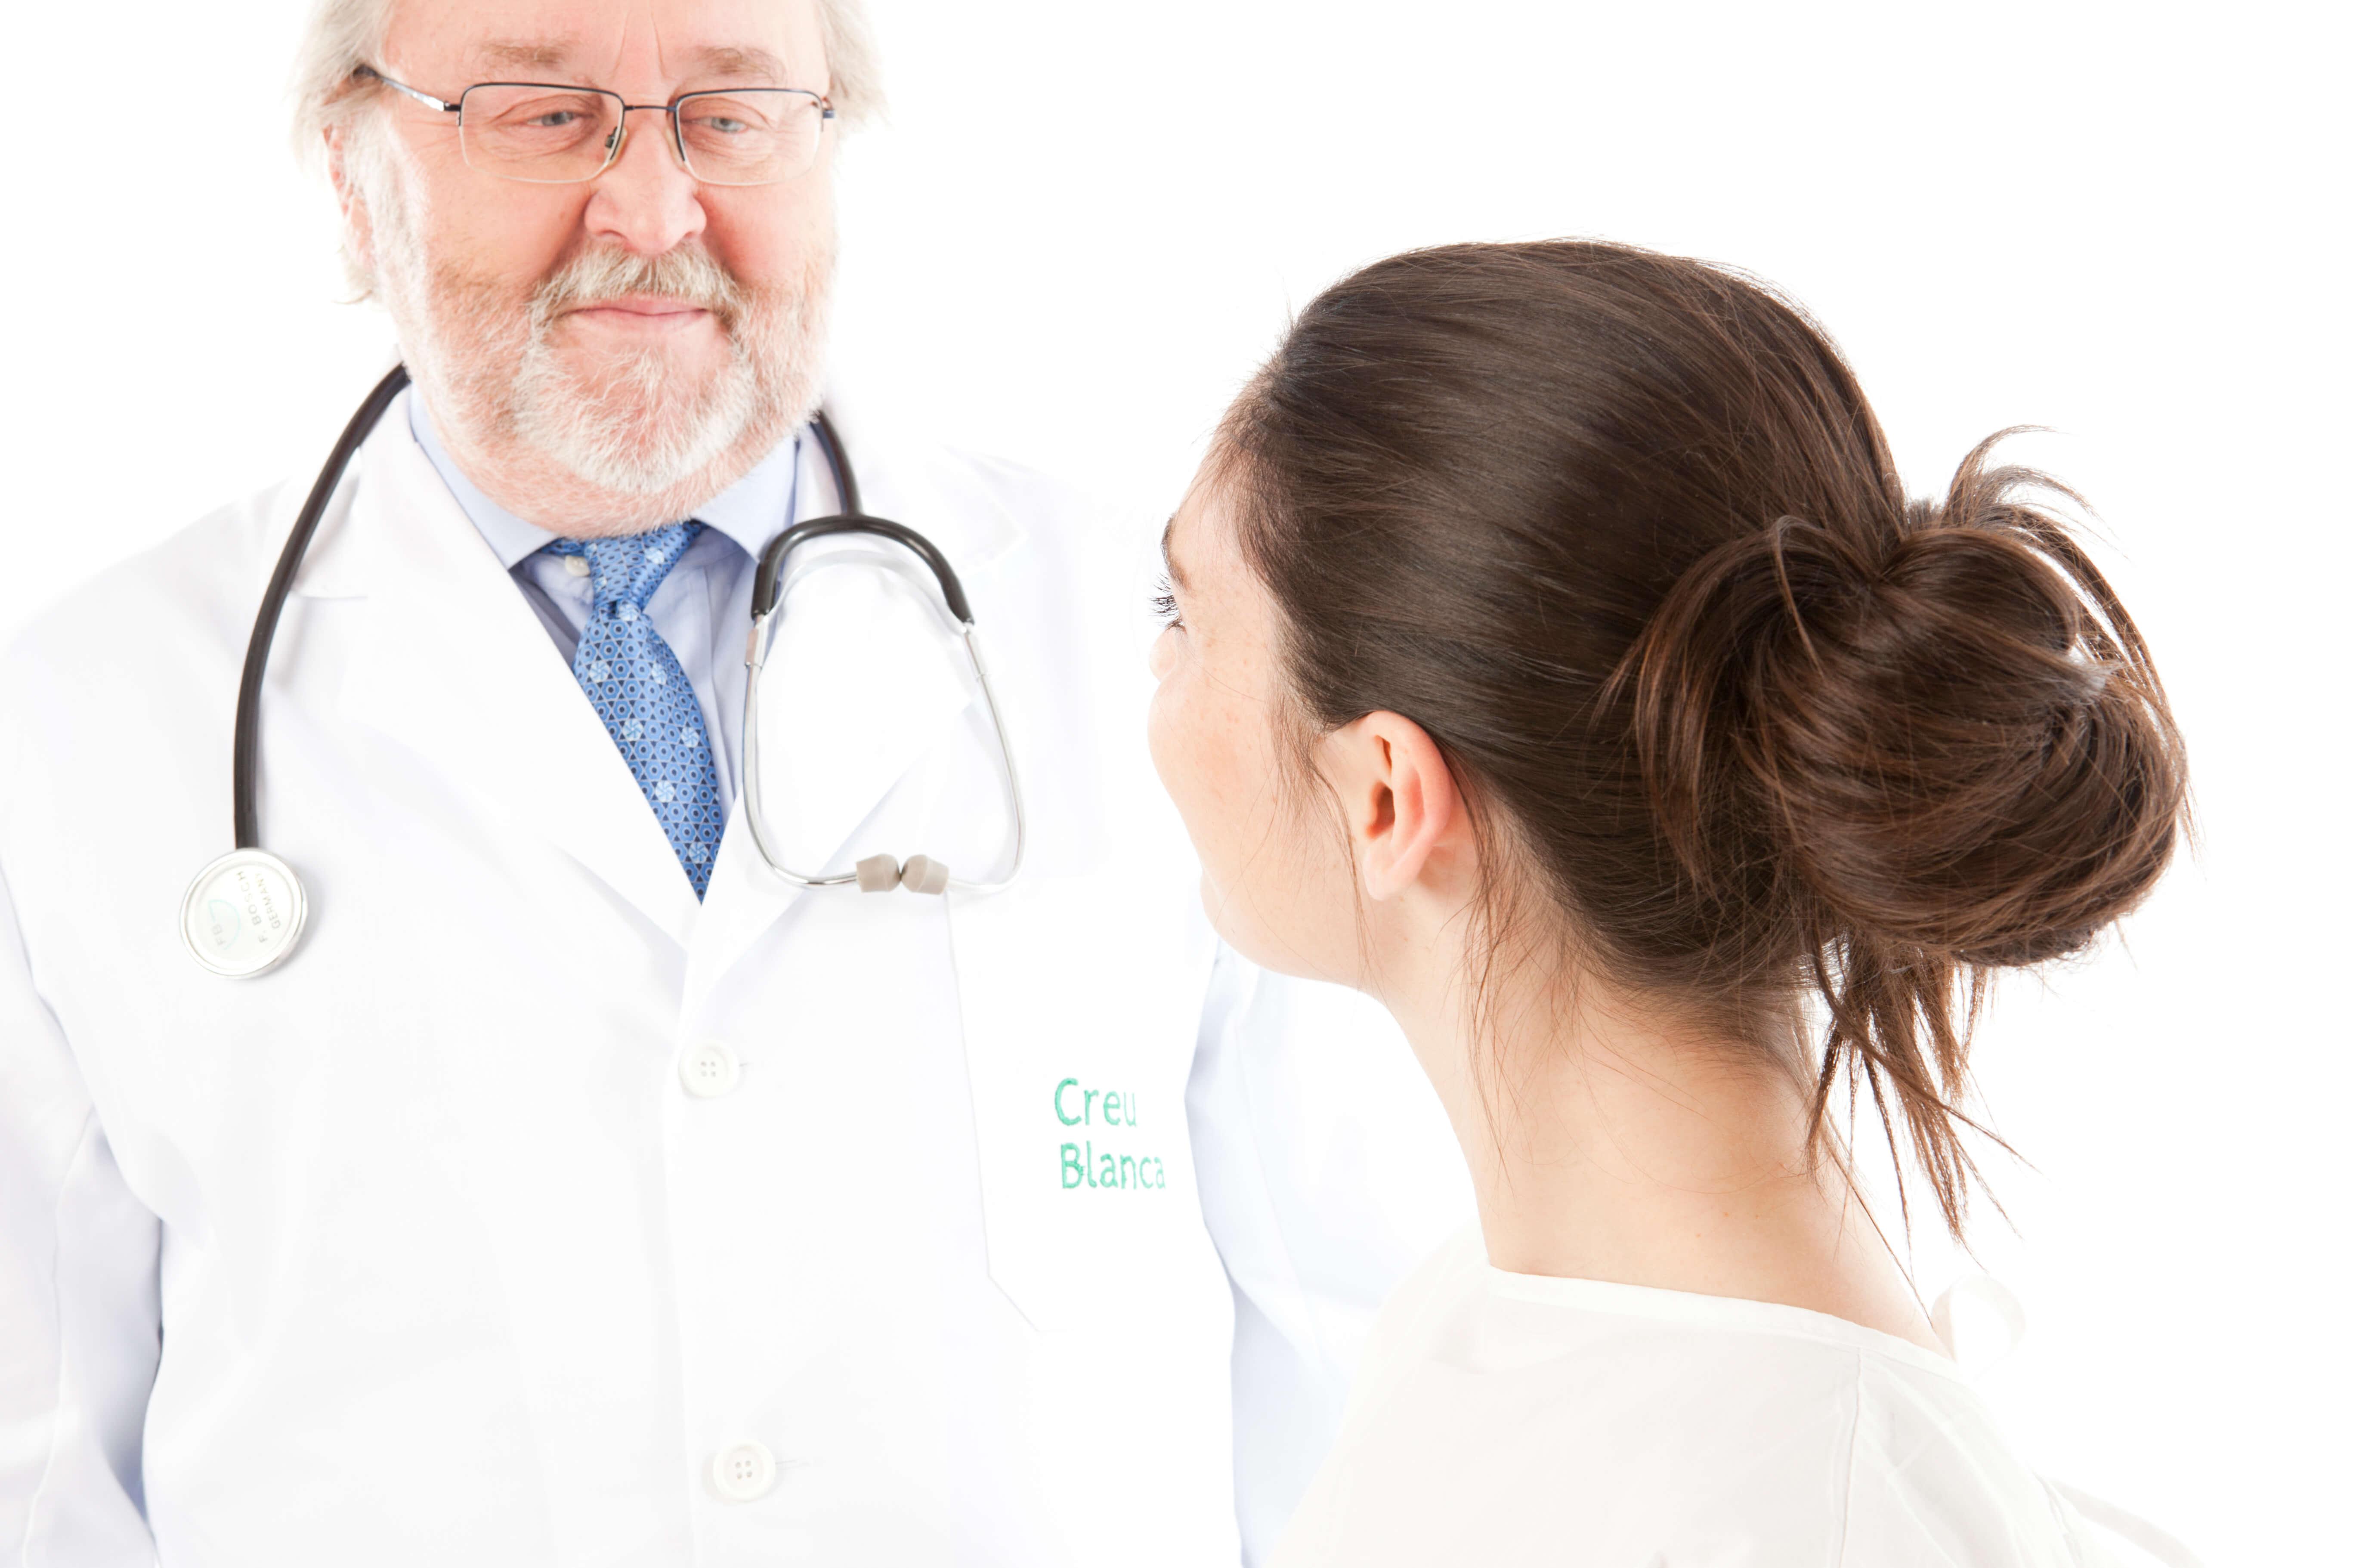 Chequeos preventivos para la detección precoz de enfermedades